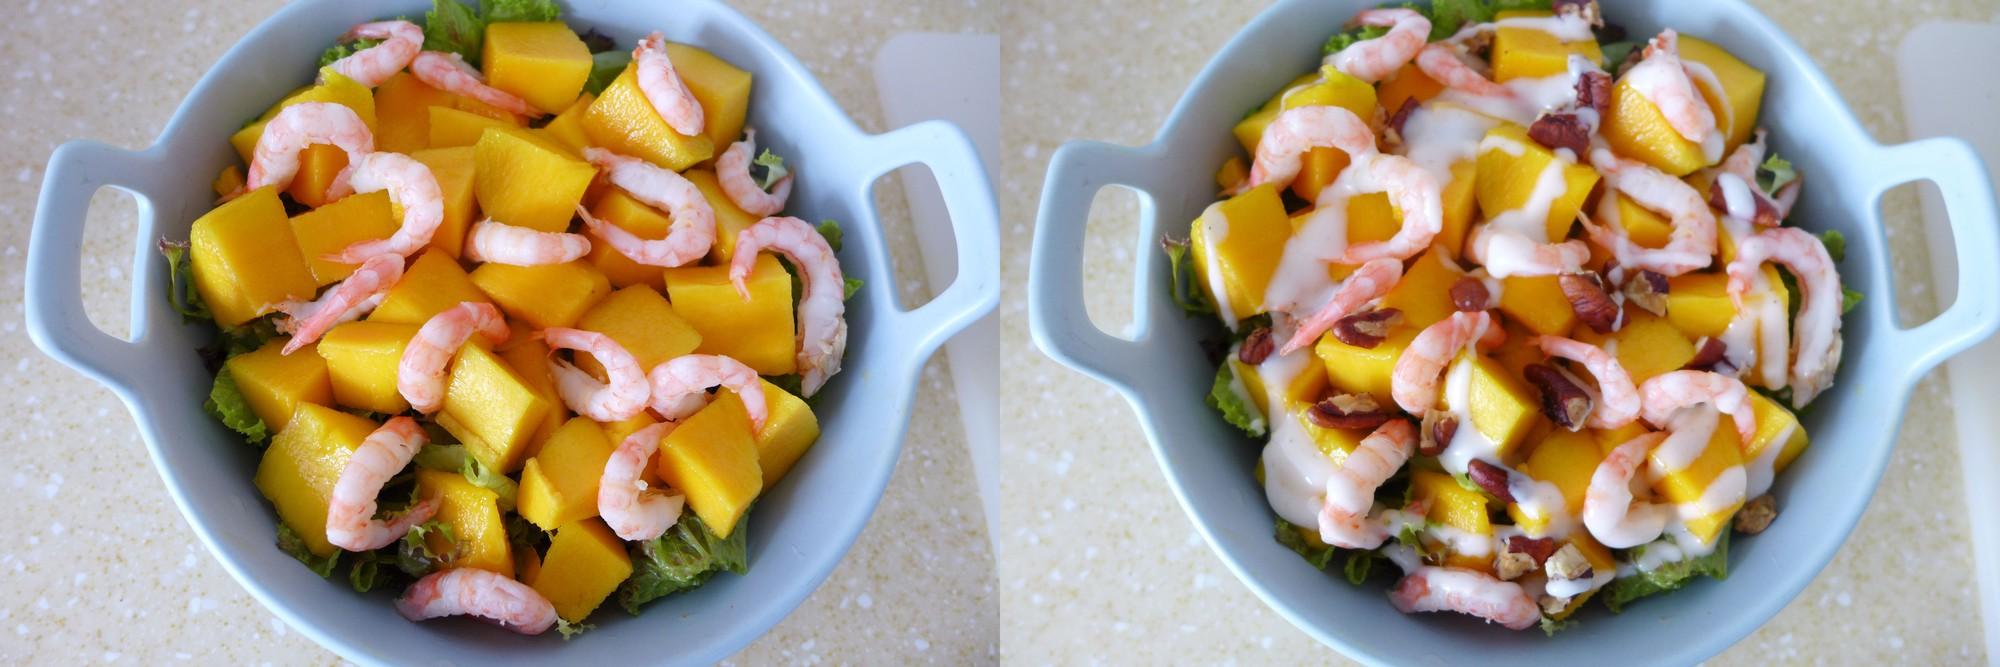 Salad tôm xoài - Ảnh 3.